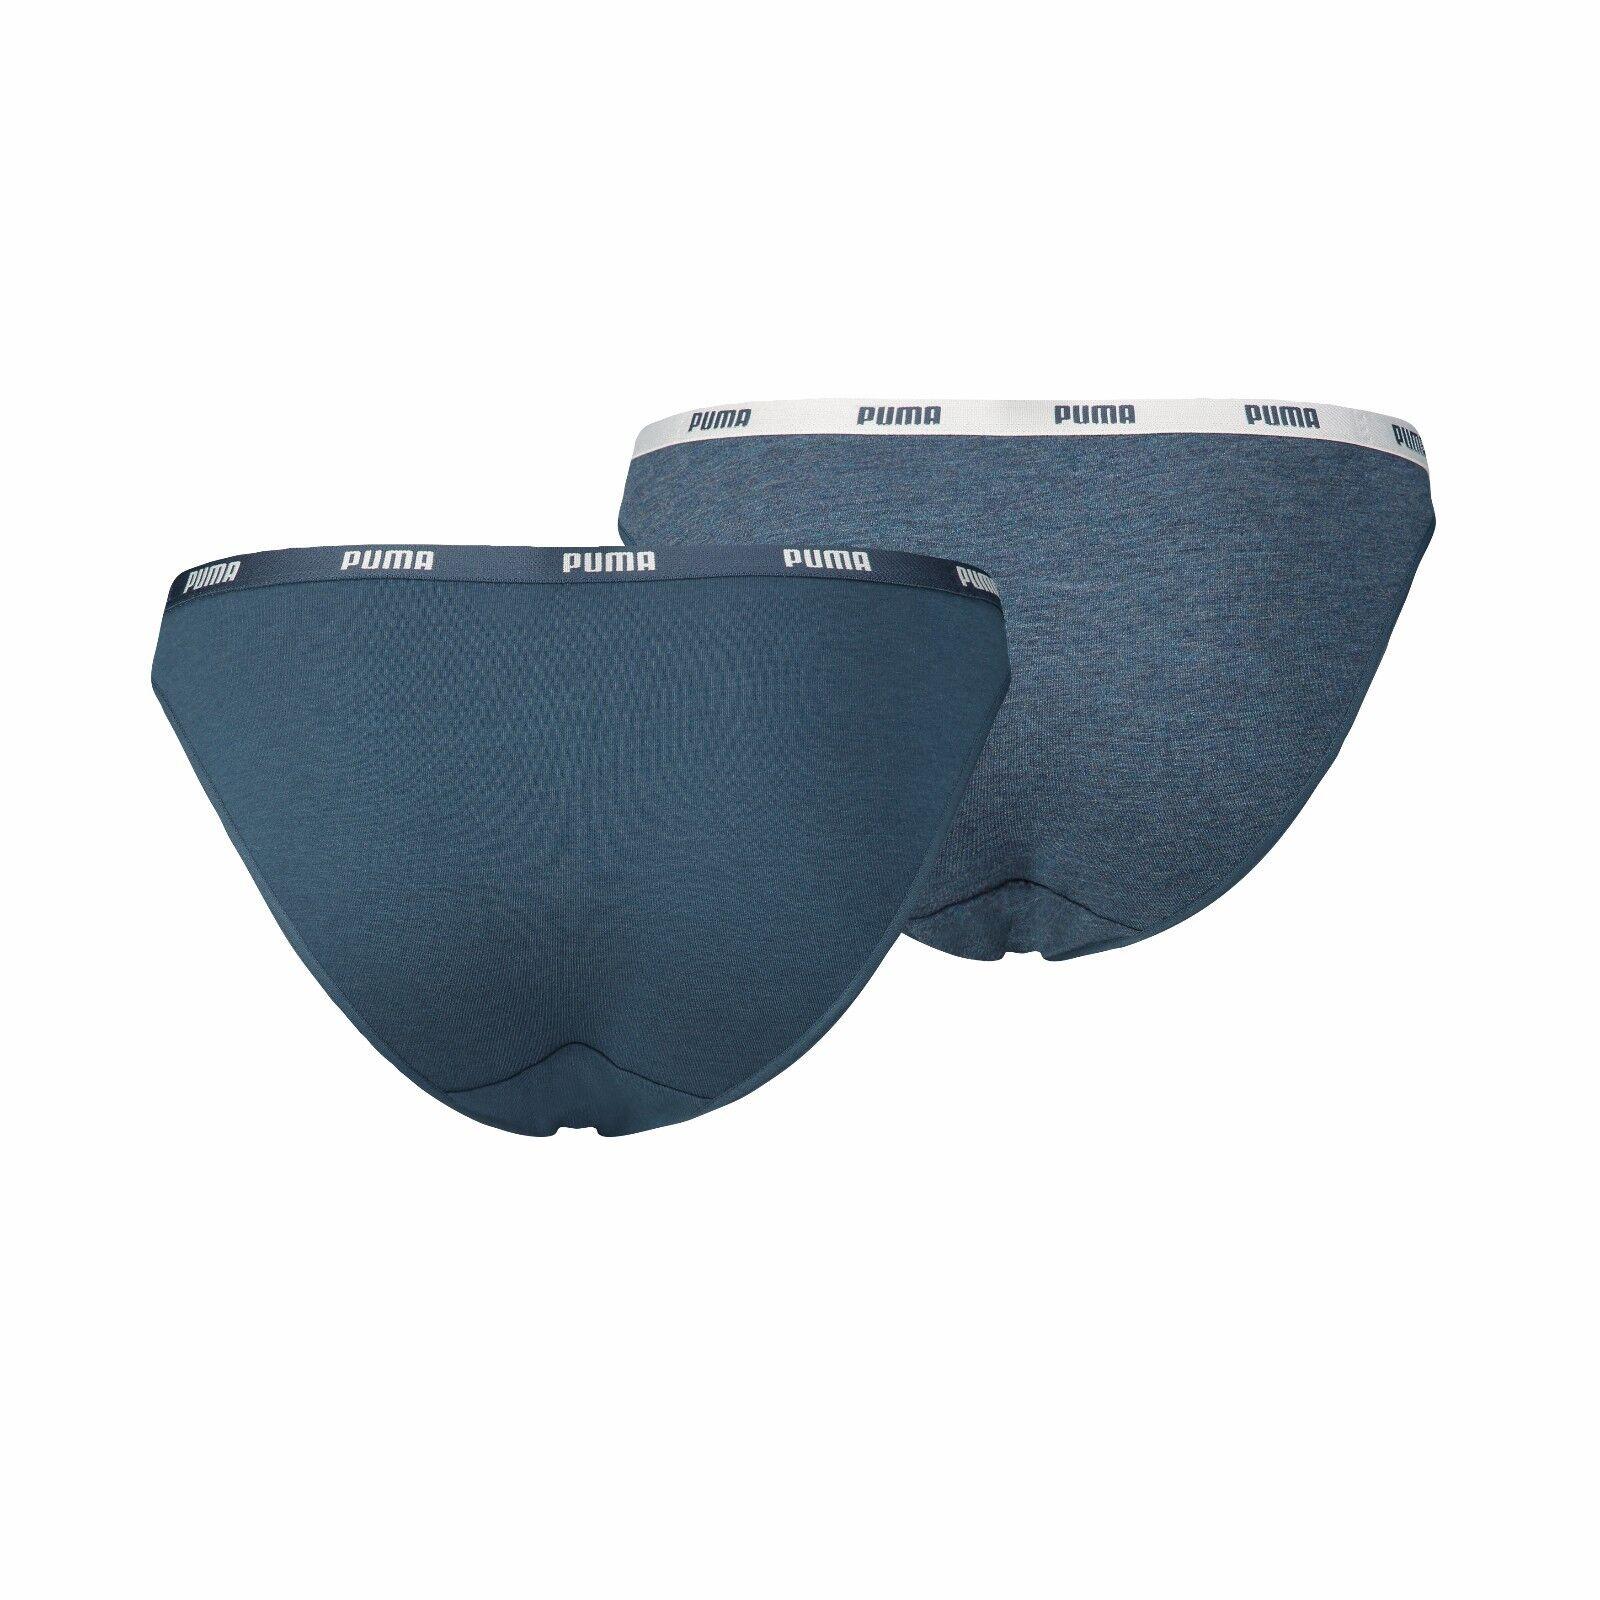 Puma Women ICONIC BIKINI Slip Mini Minislip 2er Pack Baumwolle Modal stretch NEU